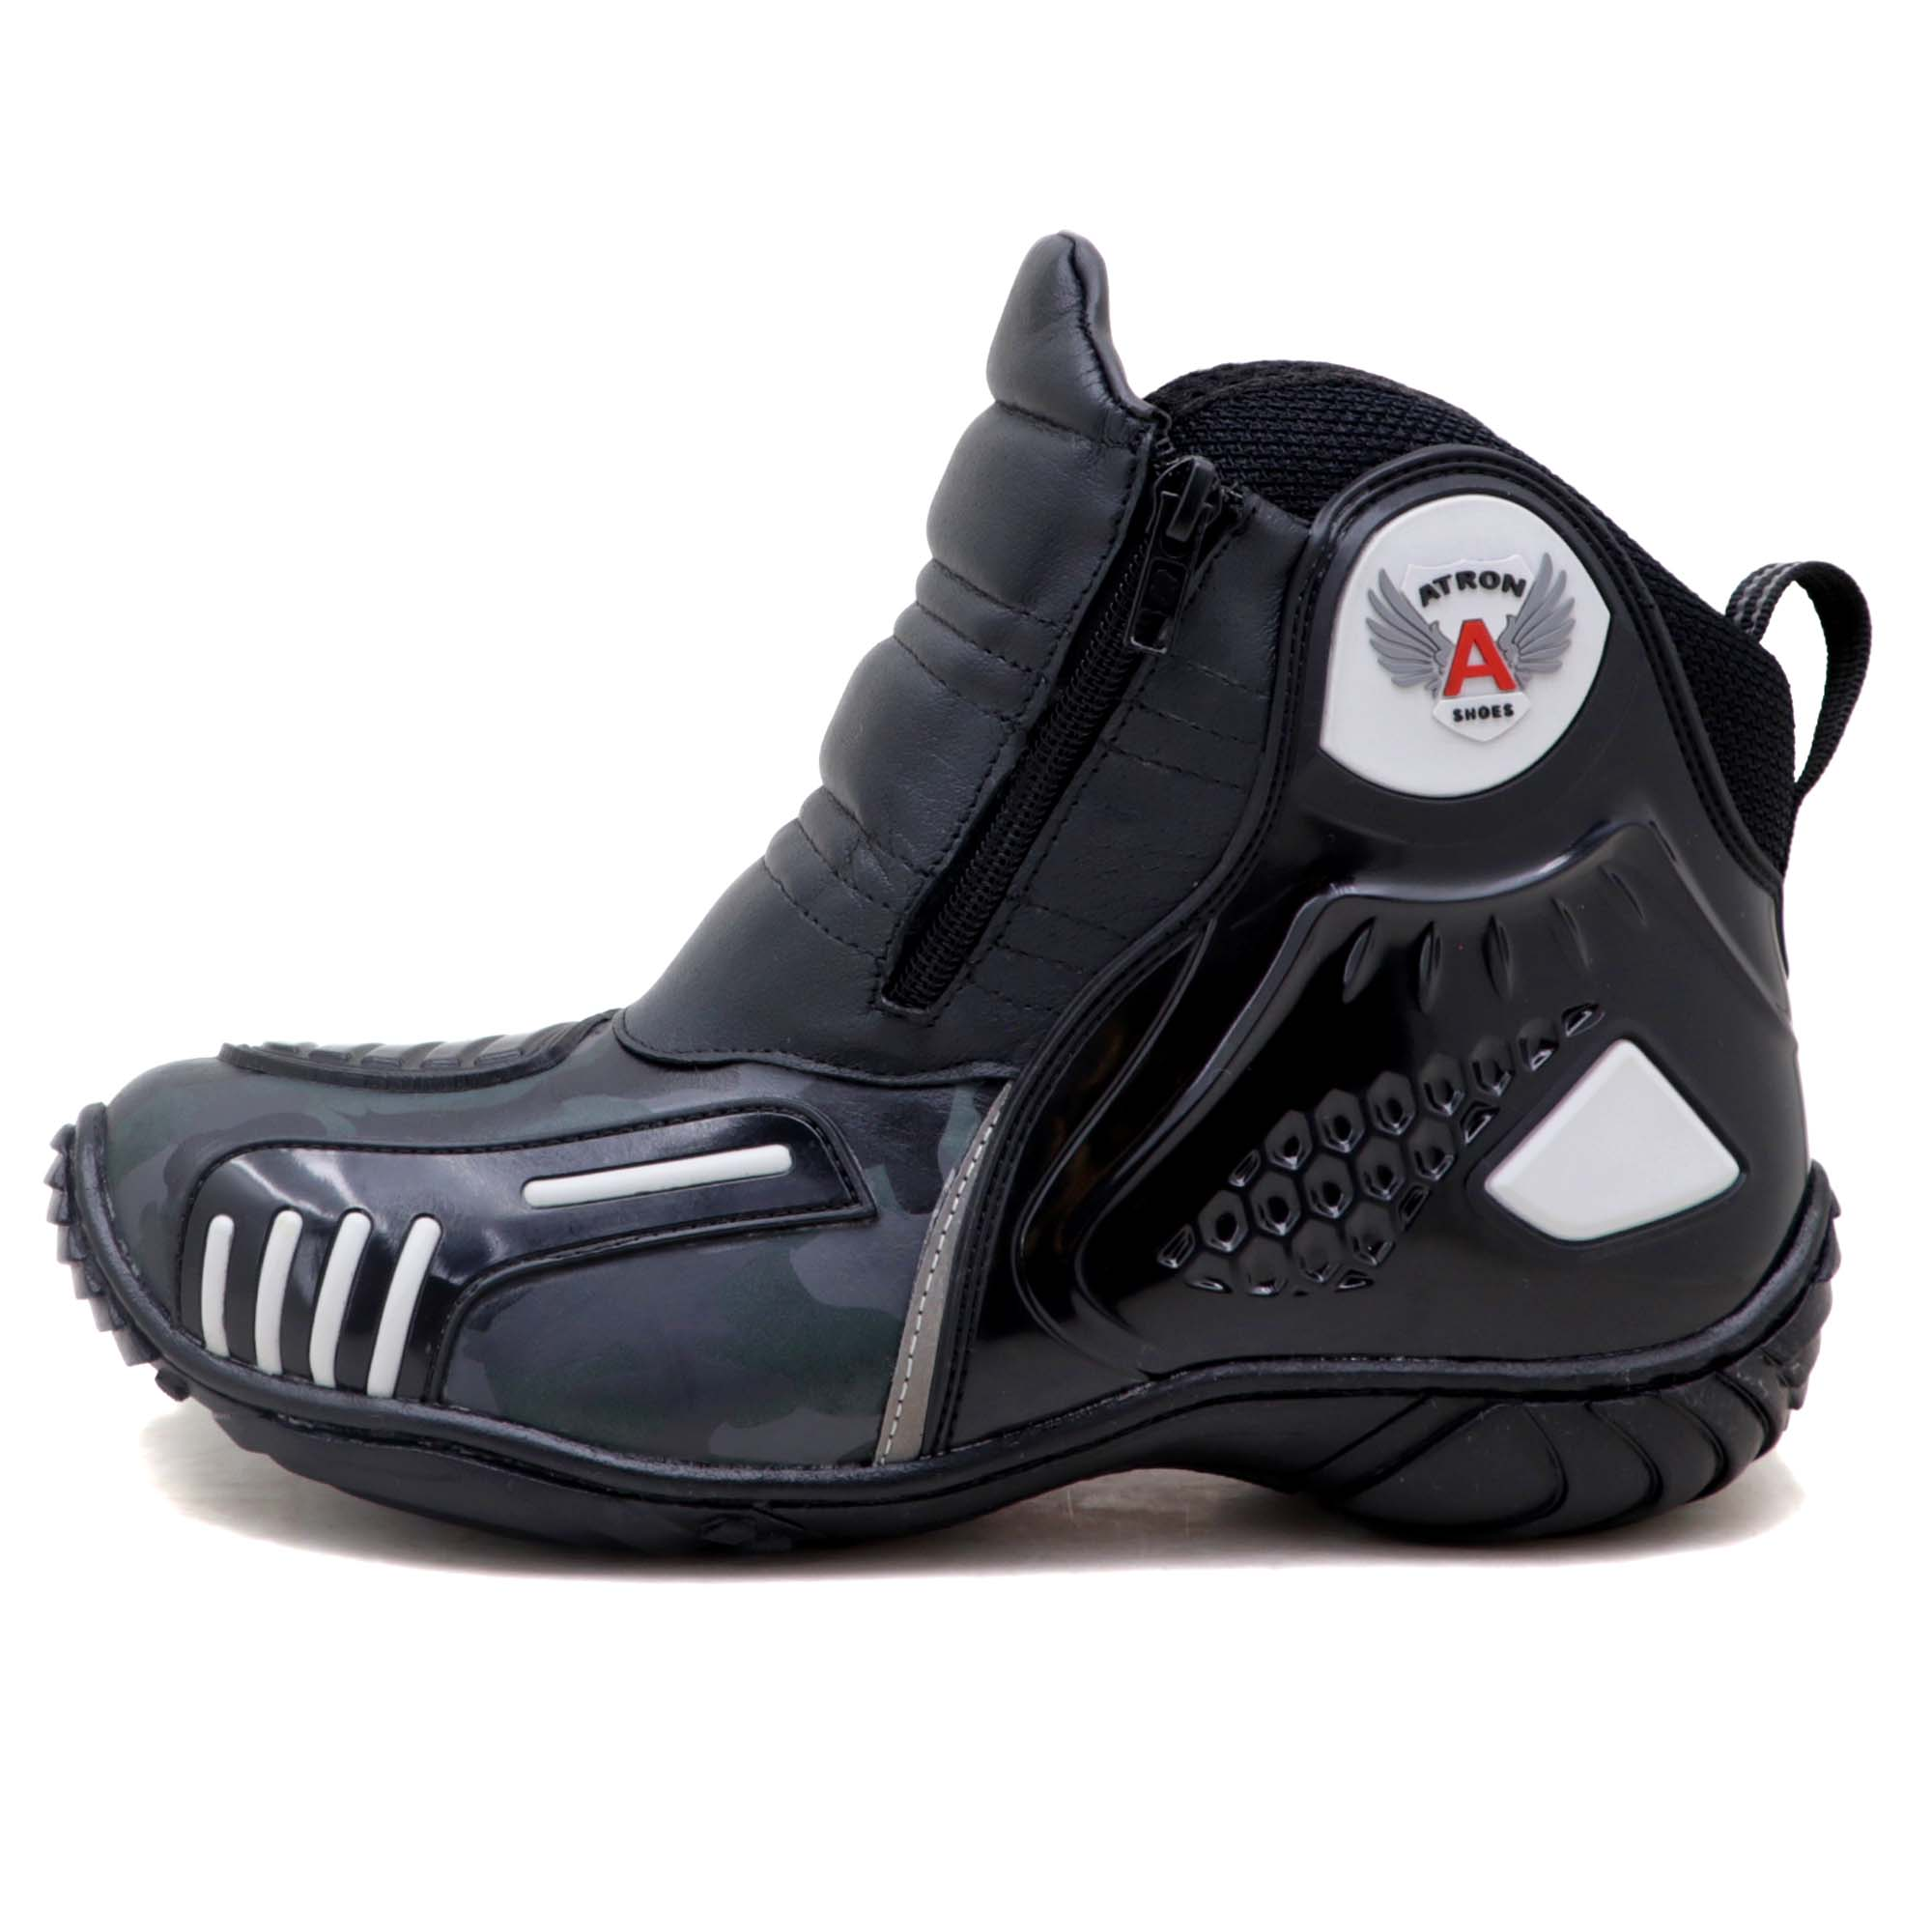 Bota motociclista Atron Shoes AS-HIGHWAY em couro legítimo semi-impermeável emborrachada na cor Cinza Camuflado 407